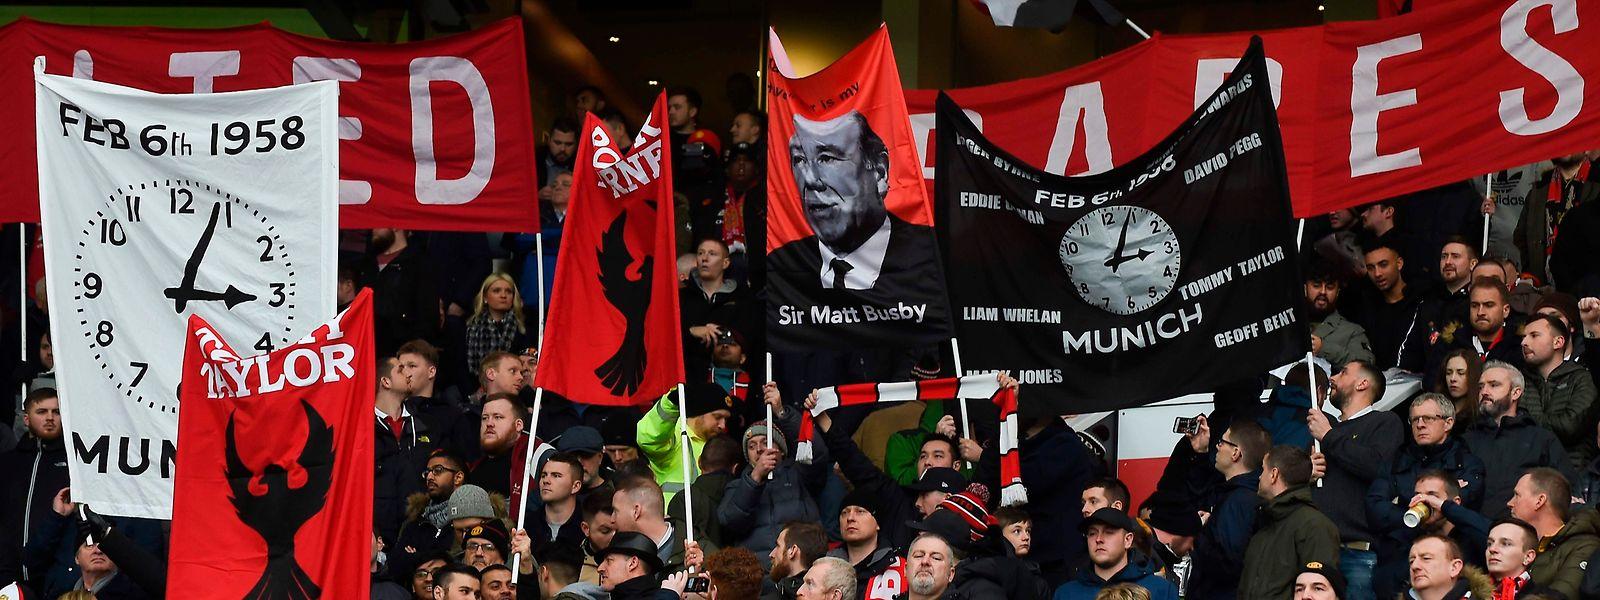 Unvergessen: Fans von Manchester United mit der zum Symbol gewordenen Uhr, die die Zeit des Unglücks anzeigt.